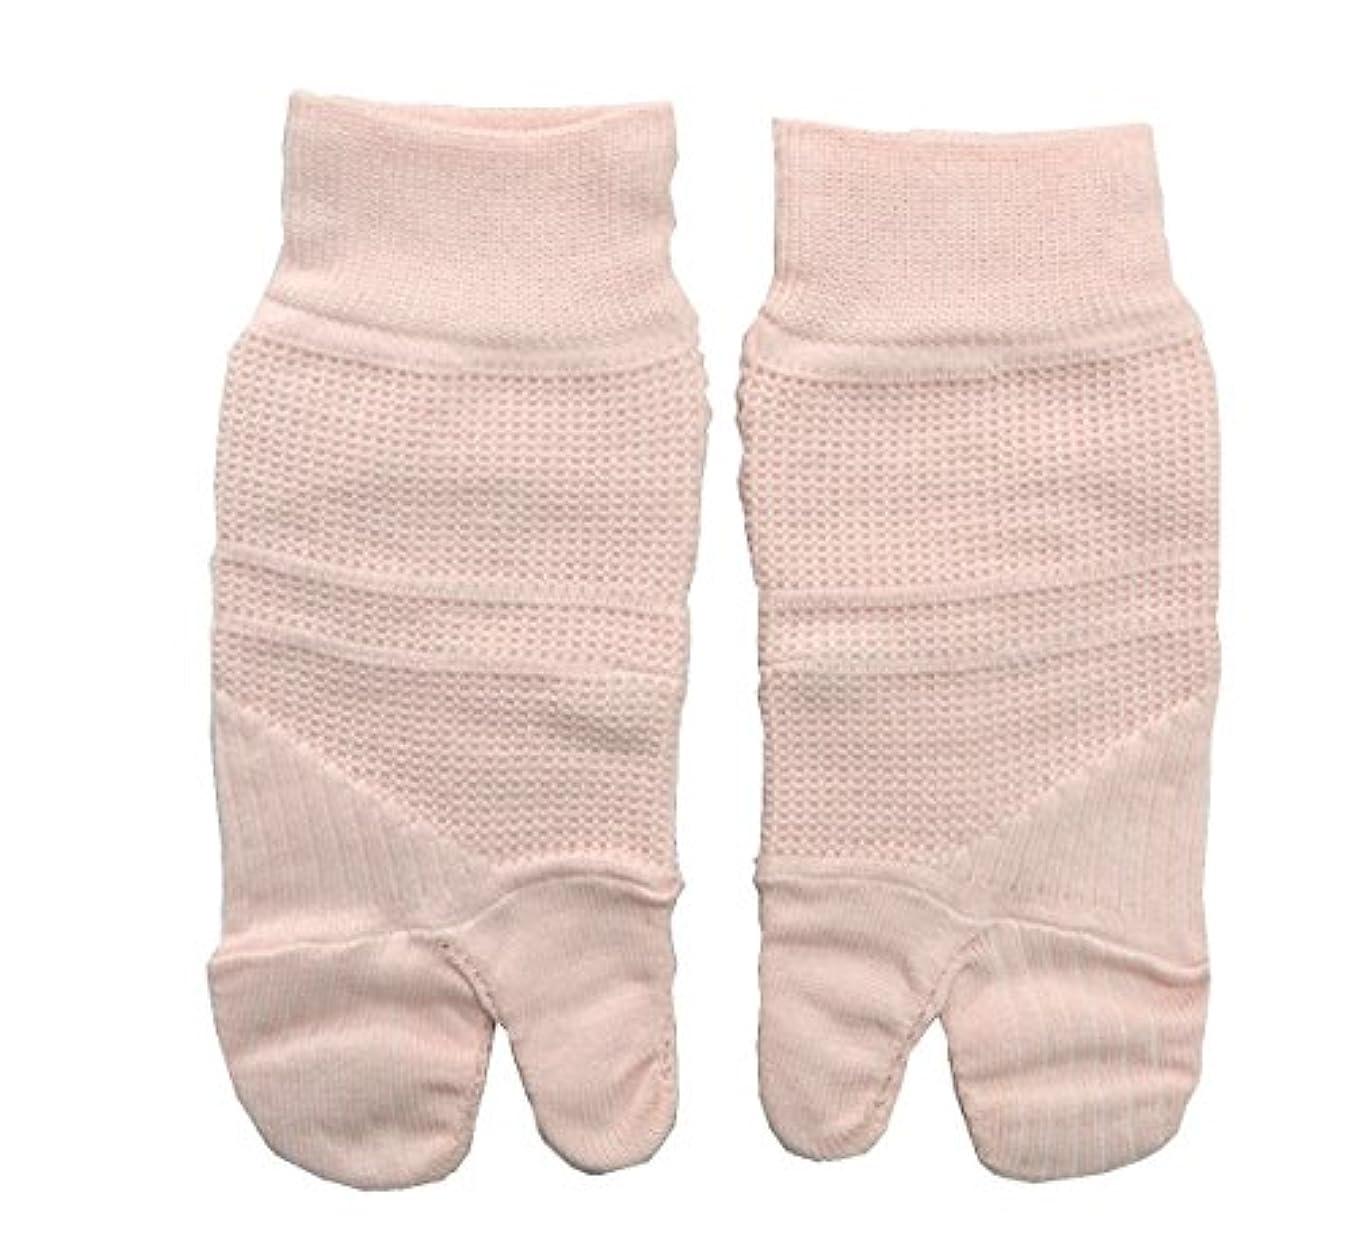 まどろみのあるカフェテリアシンク外反母趾対策靴下(通常タイプ) コーポレーションパールスター?広島大学大学院特許製品